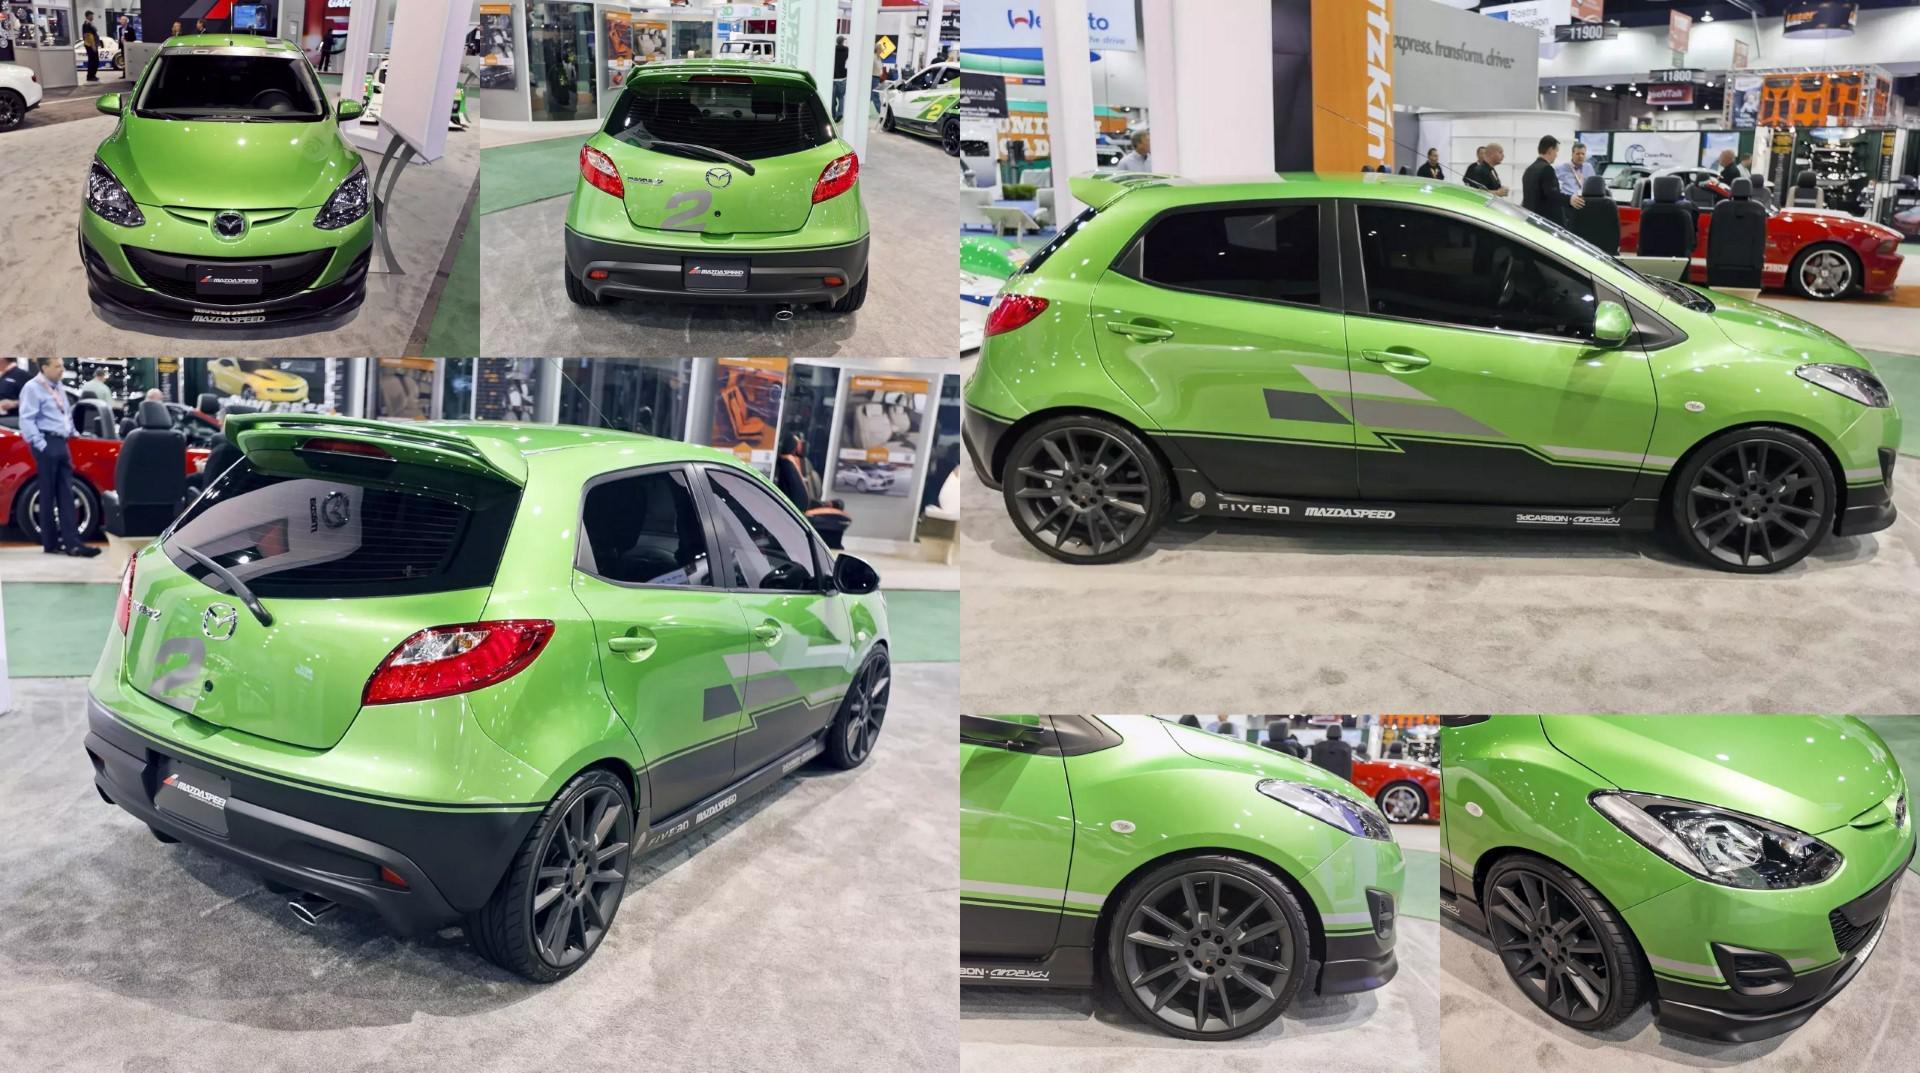 3dcarbon-preparateur-specialiste-de-kit-carrosserie-1406-4.jpg